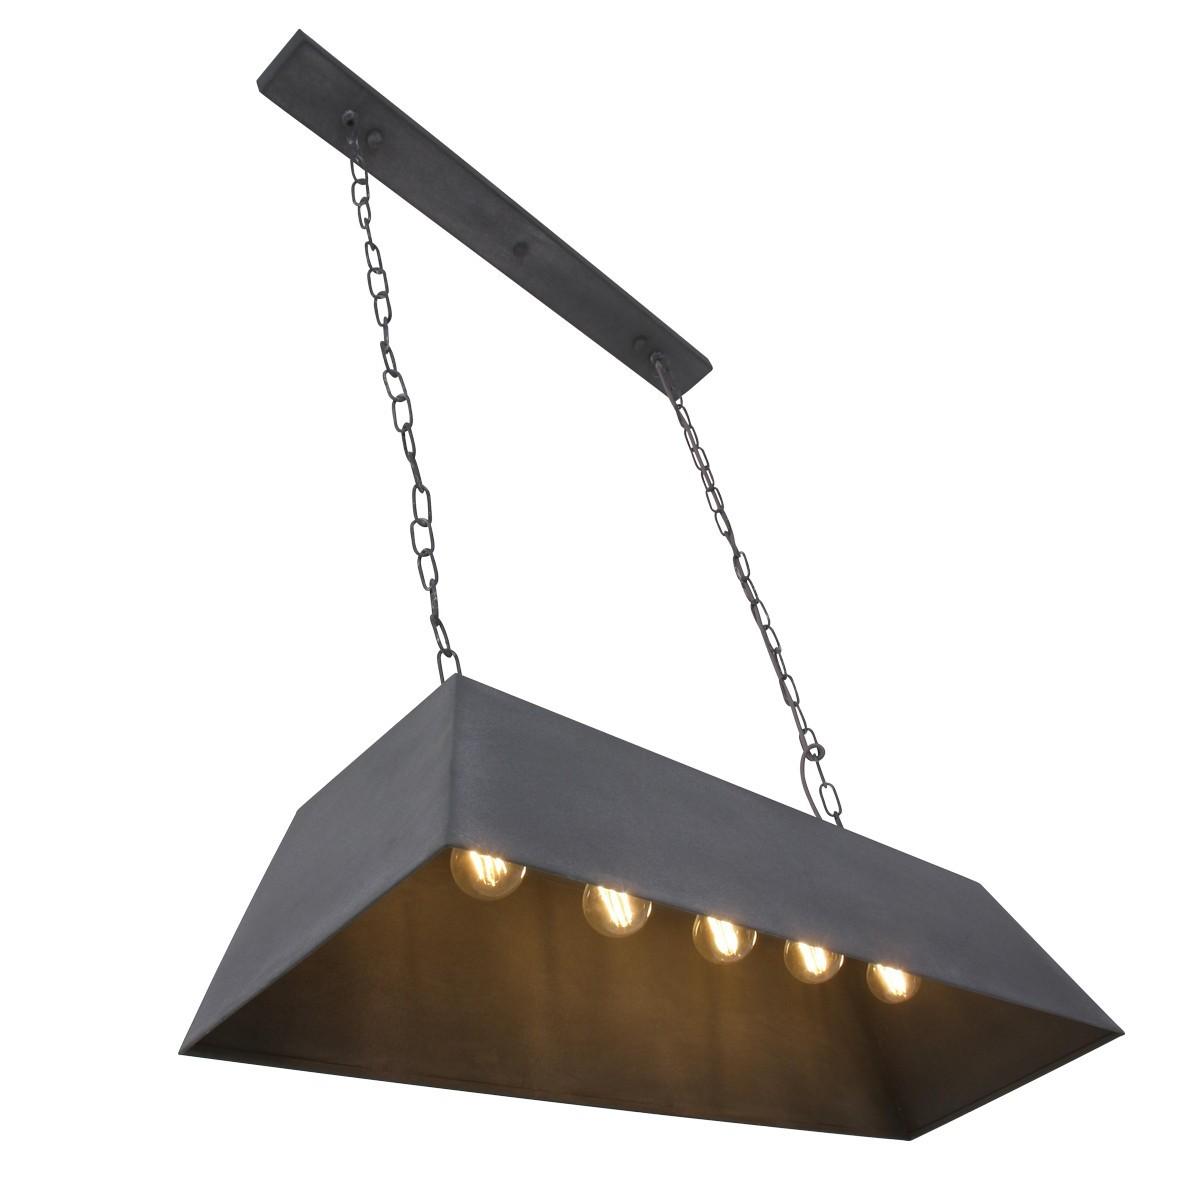 hanglamp_industrieel_betongrijs_3__big_image